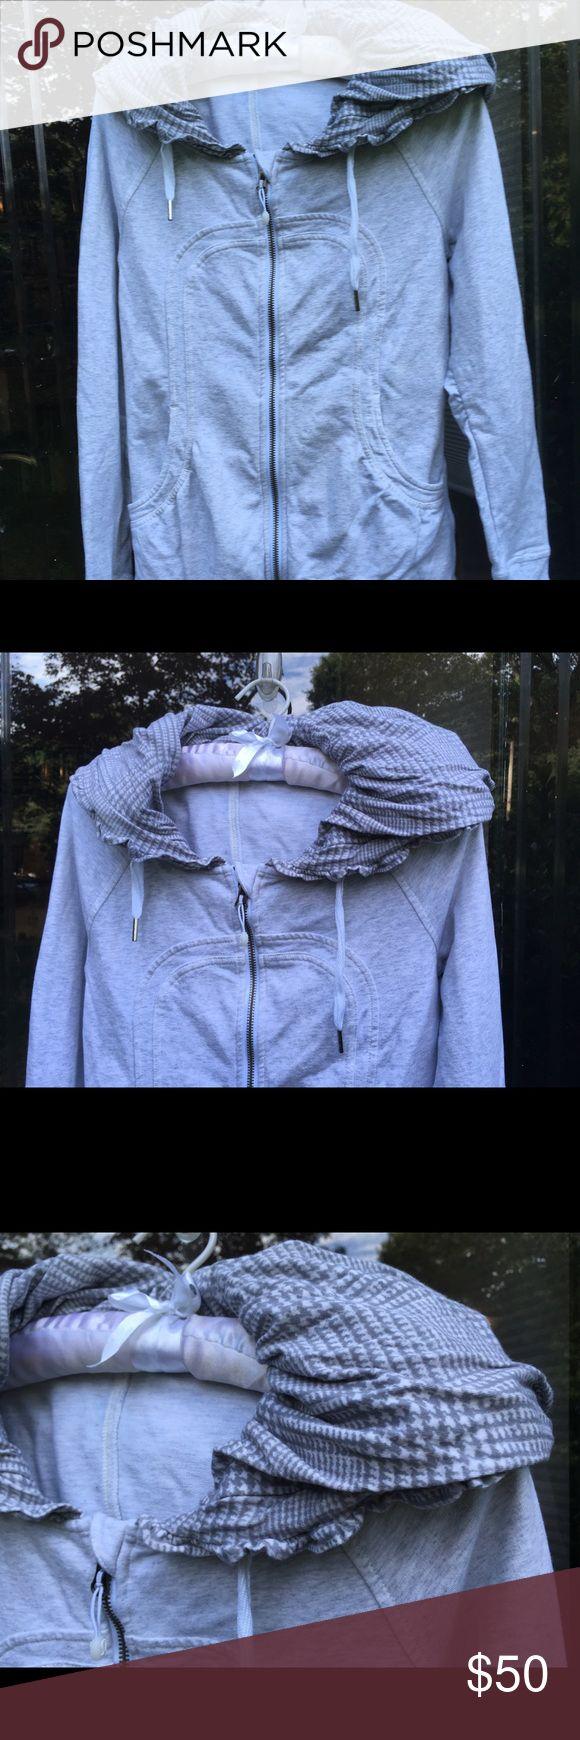 Lululemon Warm-Up Jacket With Lined Hood Wonderful warm up jacket from Lululemon, with all the bells and whistles--Size 4 (Lululemon sizing)--lovely grey plaid lining inside the hood. lululemon athletica Jackets & Coats